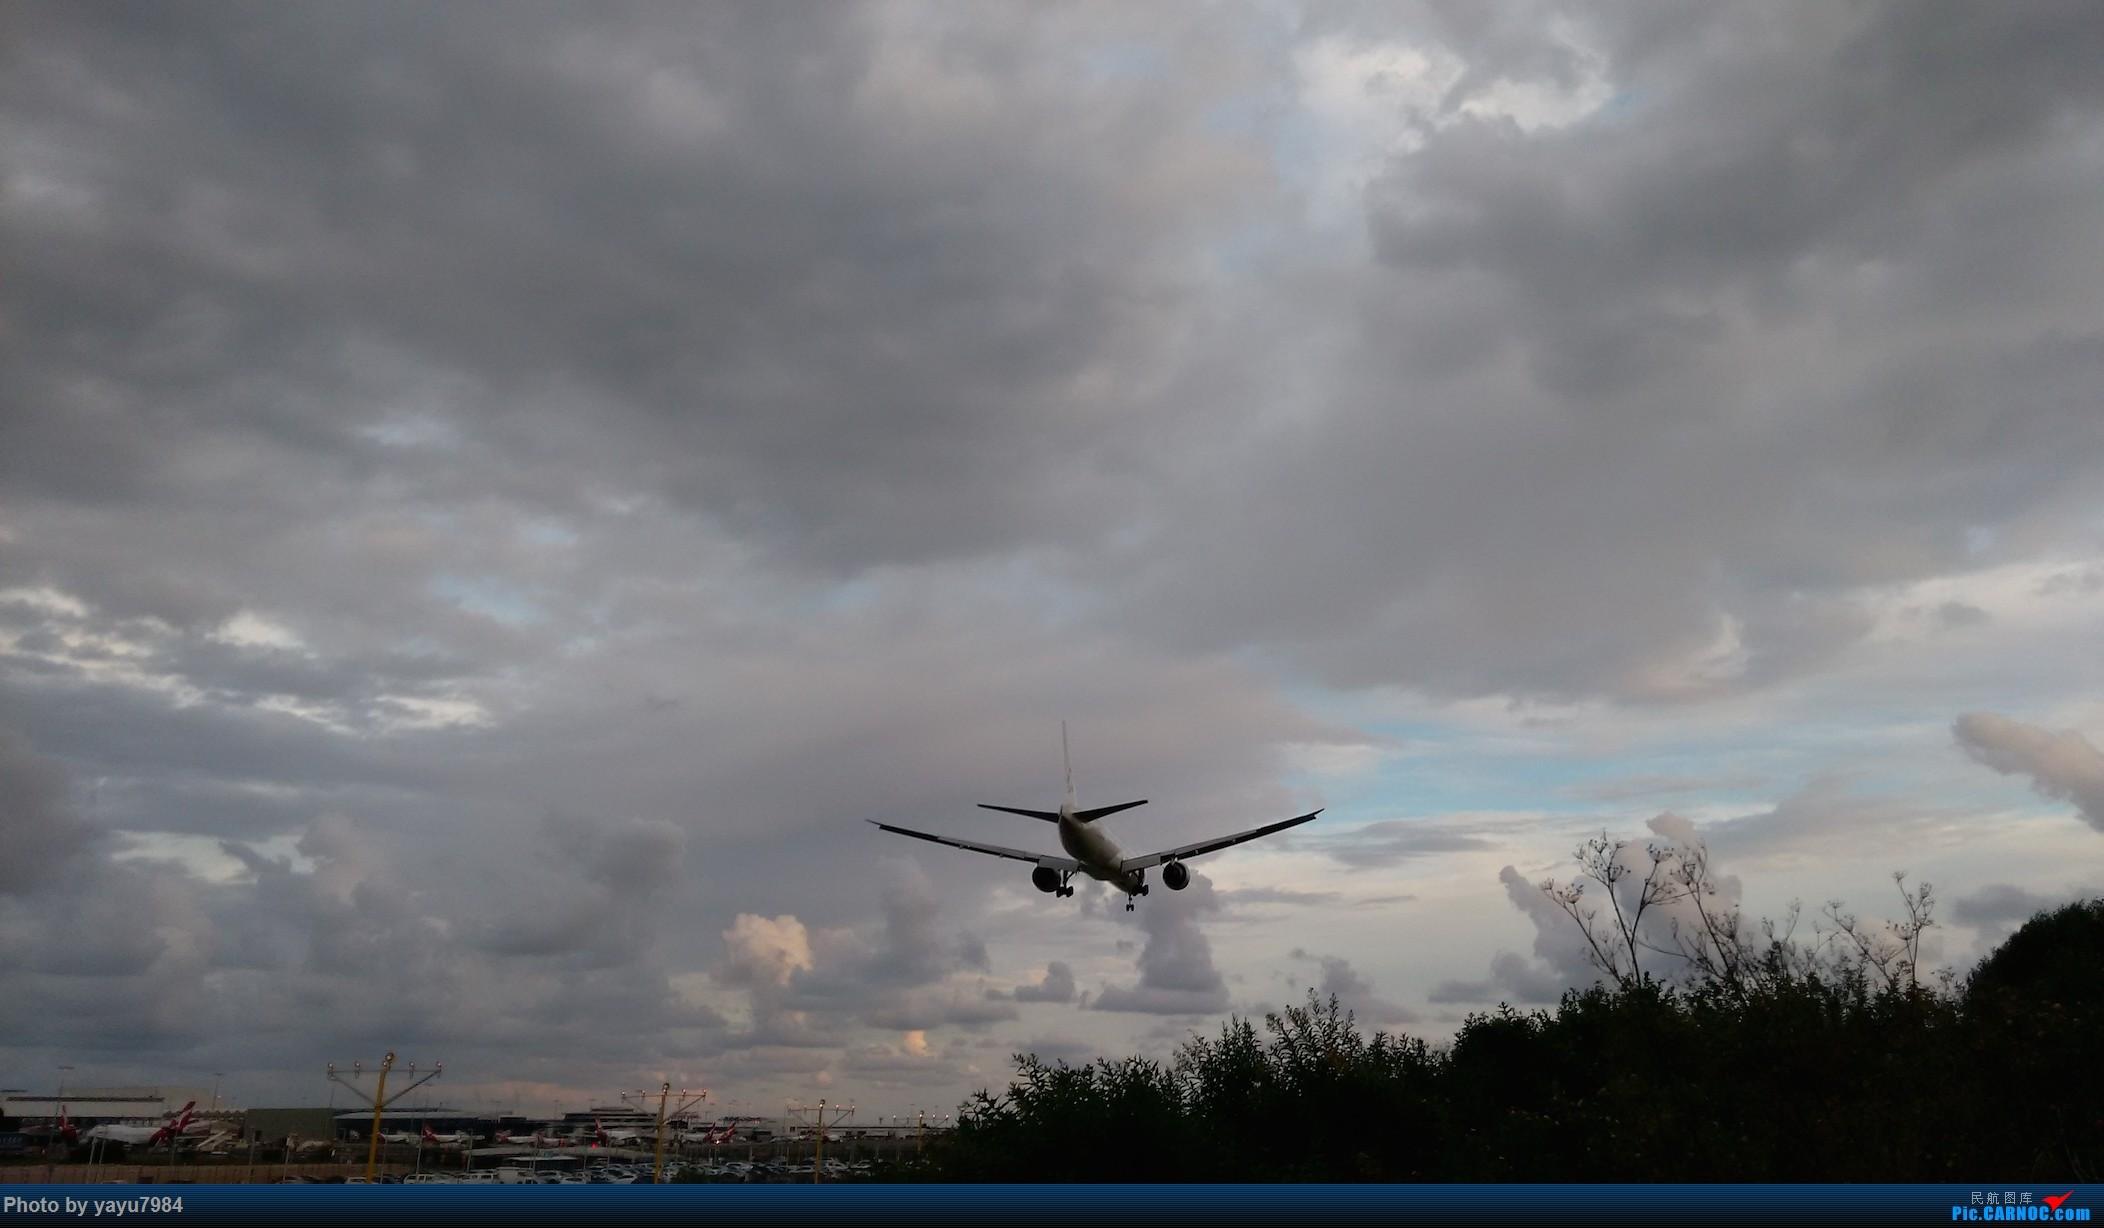 Re:[SYD]探访16R北端 BOEING 777-300ER 9V-SWJ 澳大利亚悉尼金斯福德·史密斯机场